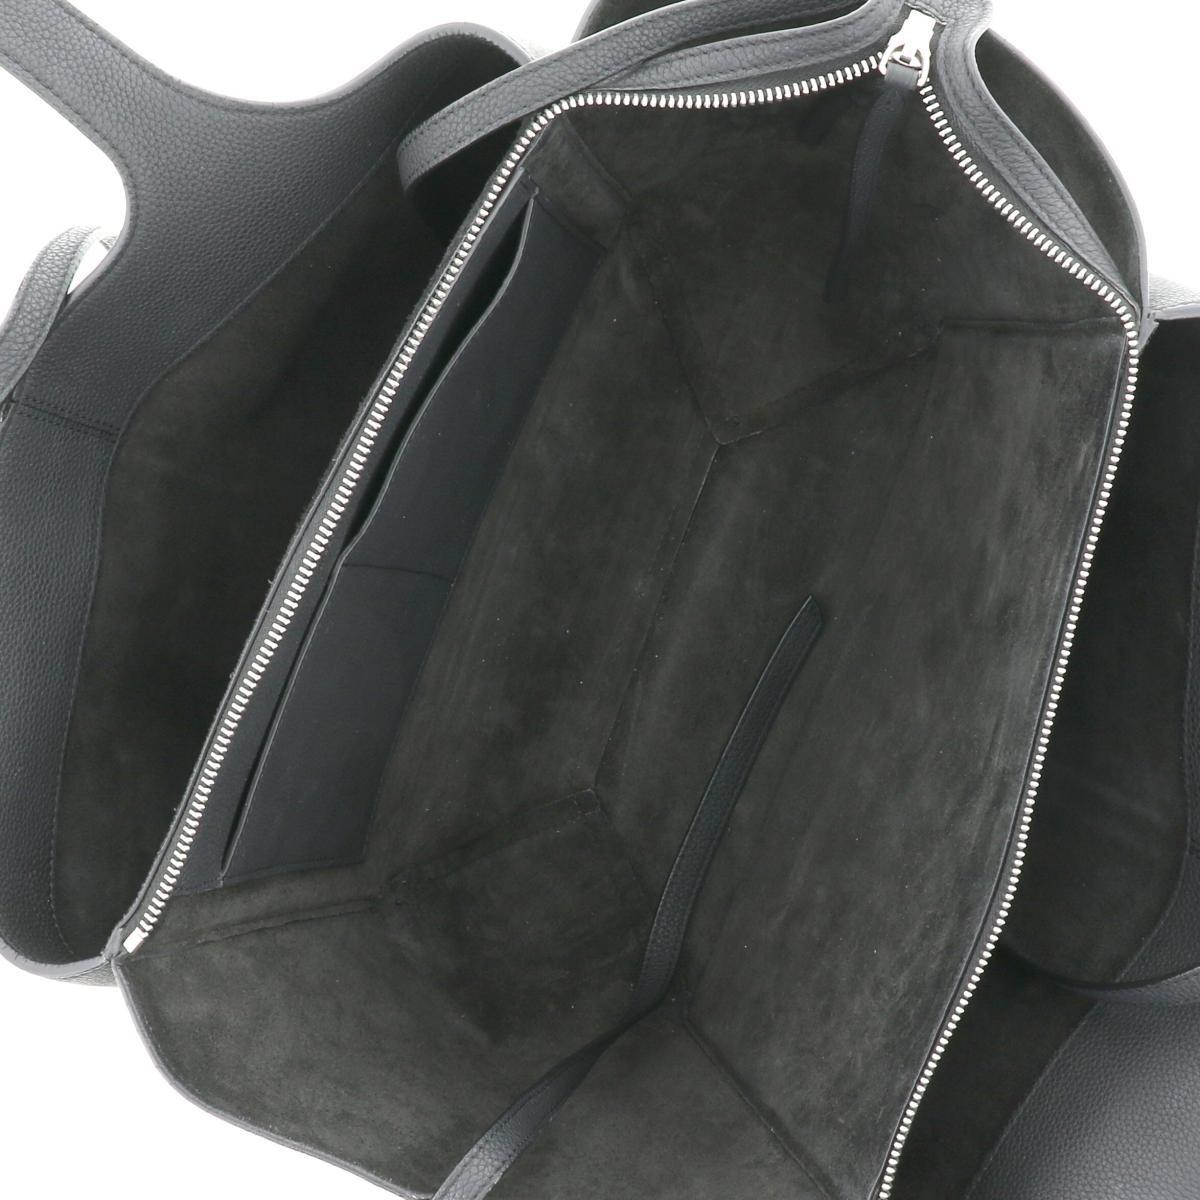 【中古】CELINE セリーヌ トリフォールド スモール トートバッグ バッグ トートバッグ  Black/ブラック 179043AIK used:B